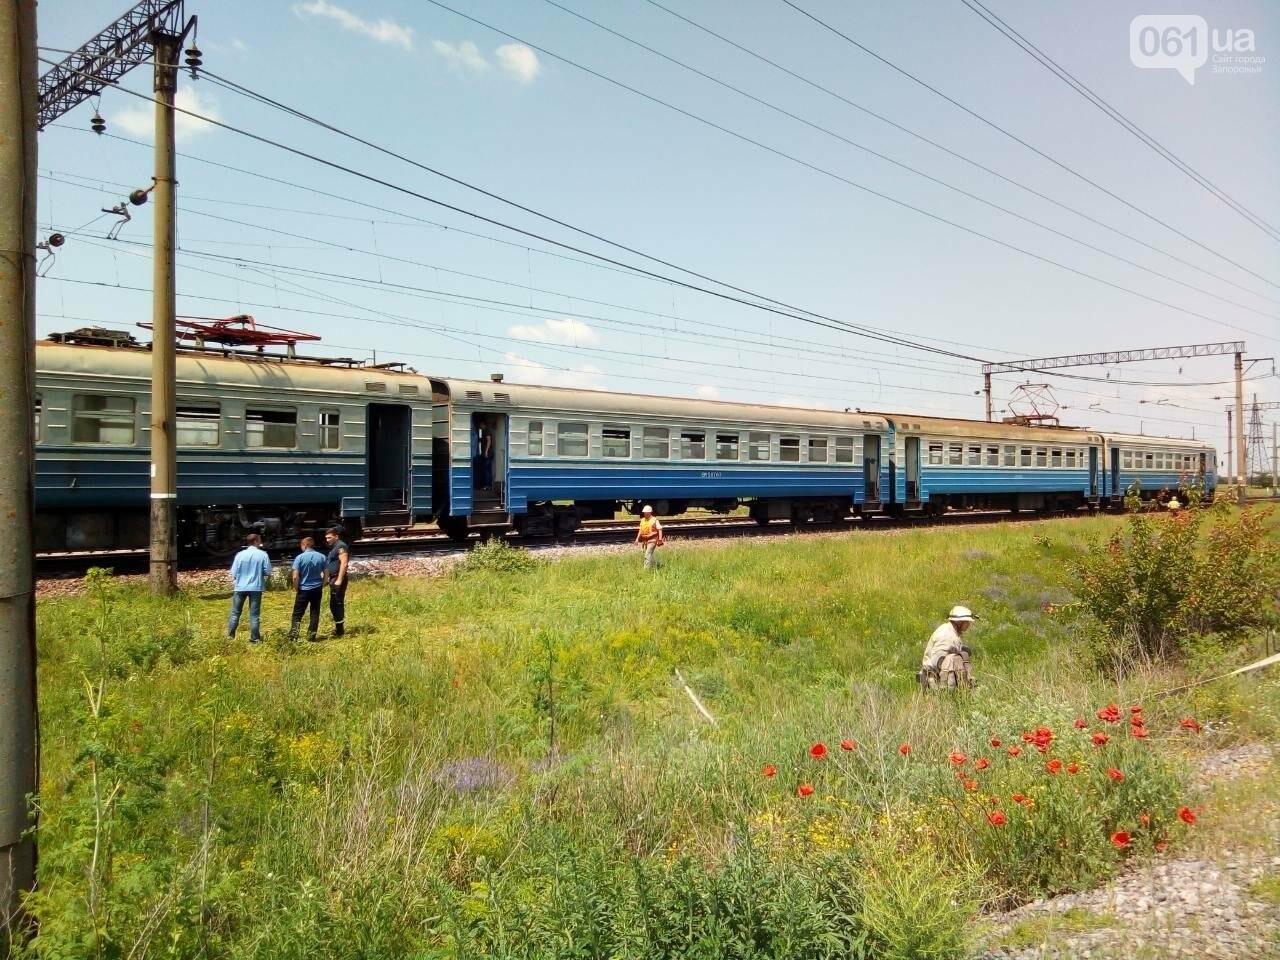 В Запорожской области посреди поля задымился вагон электрички, - ФОТО, ВИДЕО, фото-1